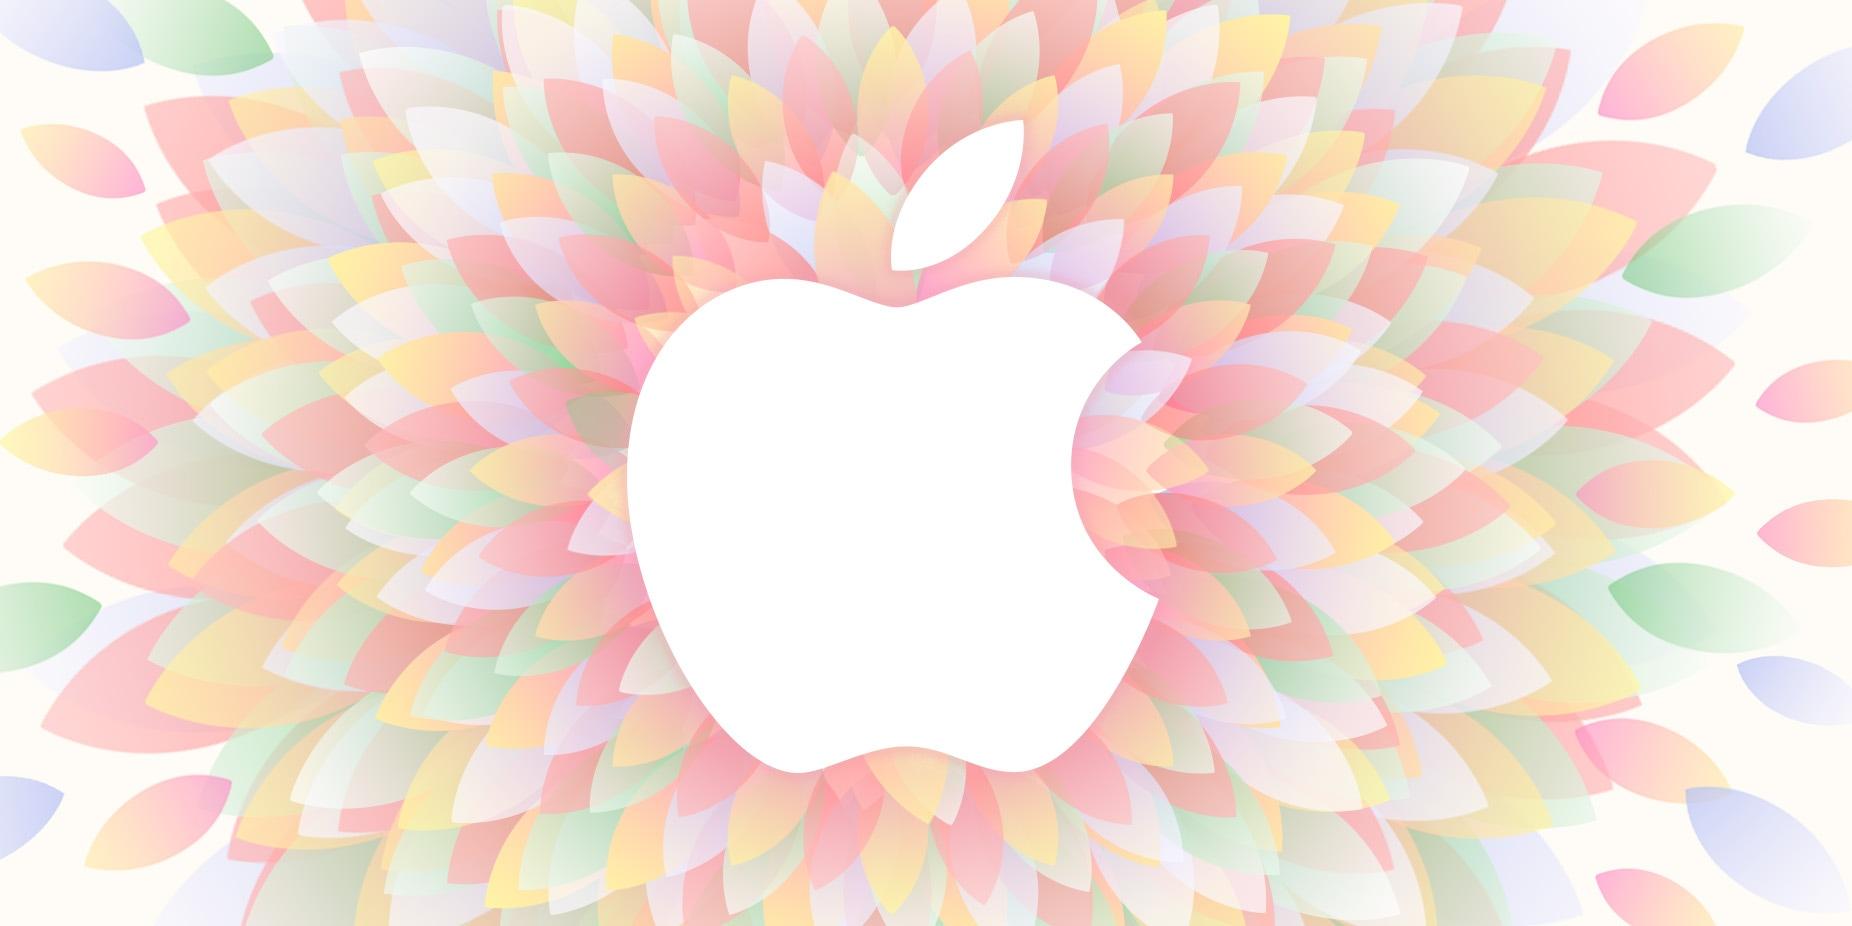 Logo da Apple florido